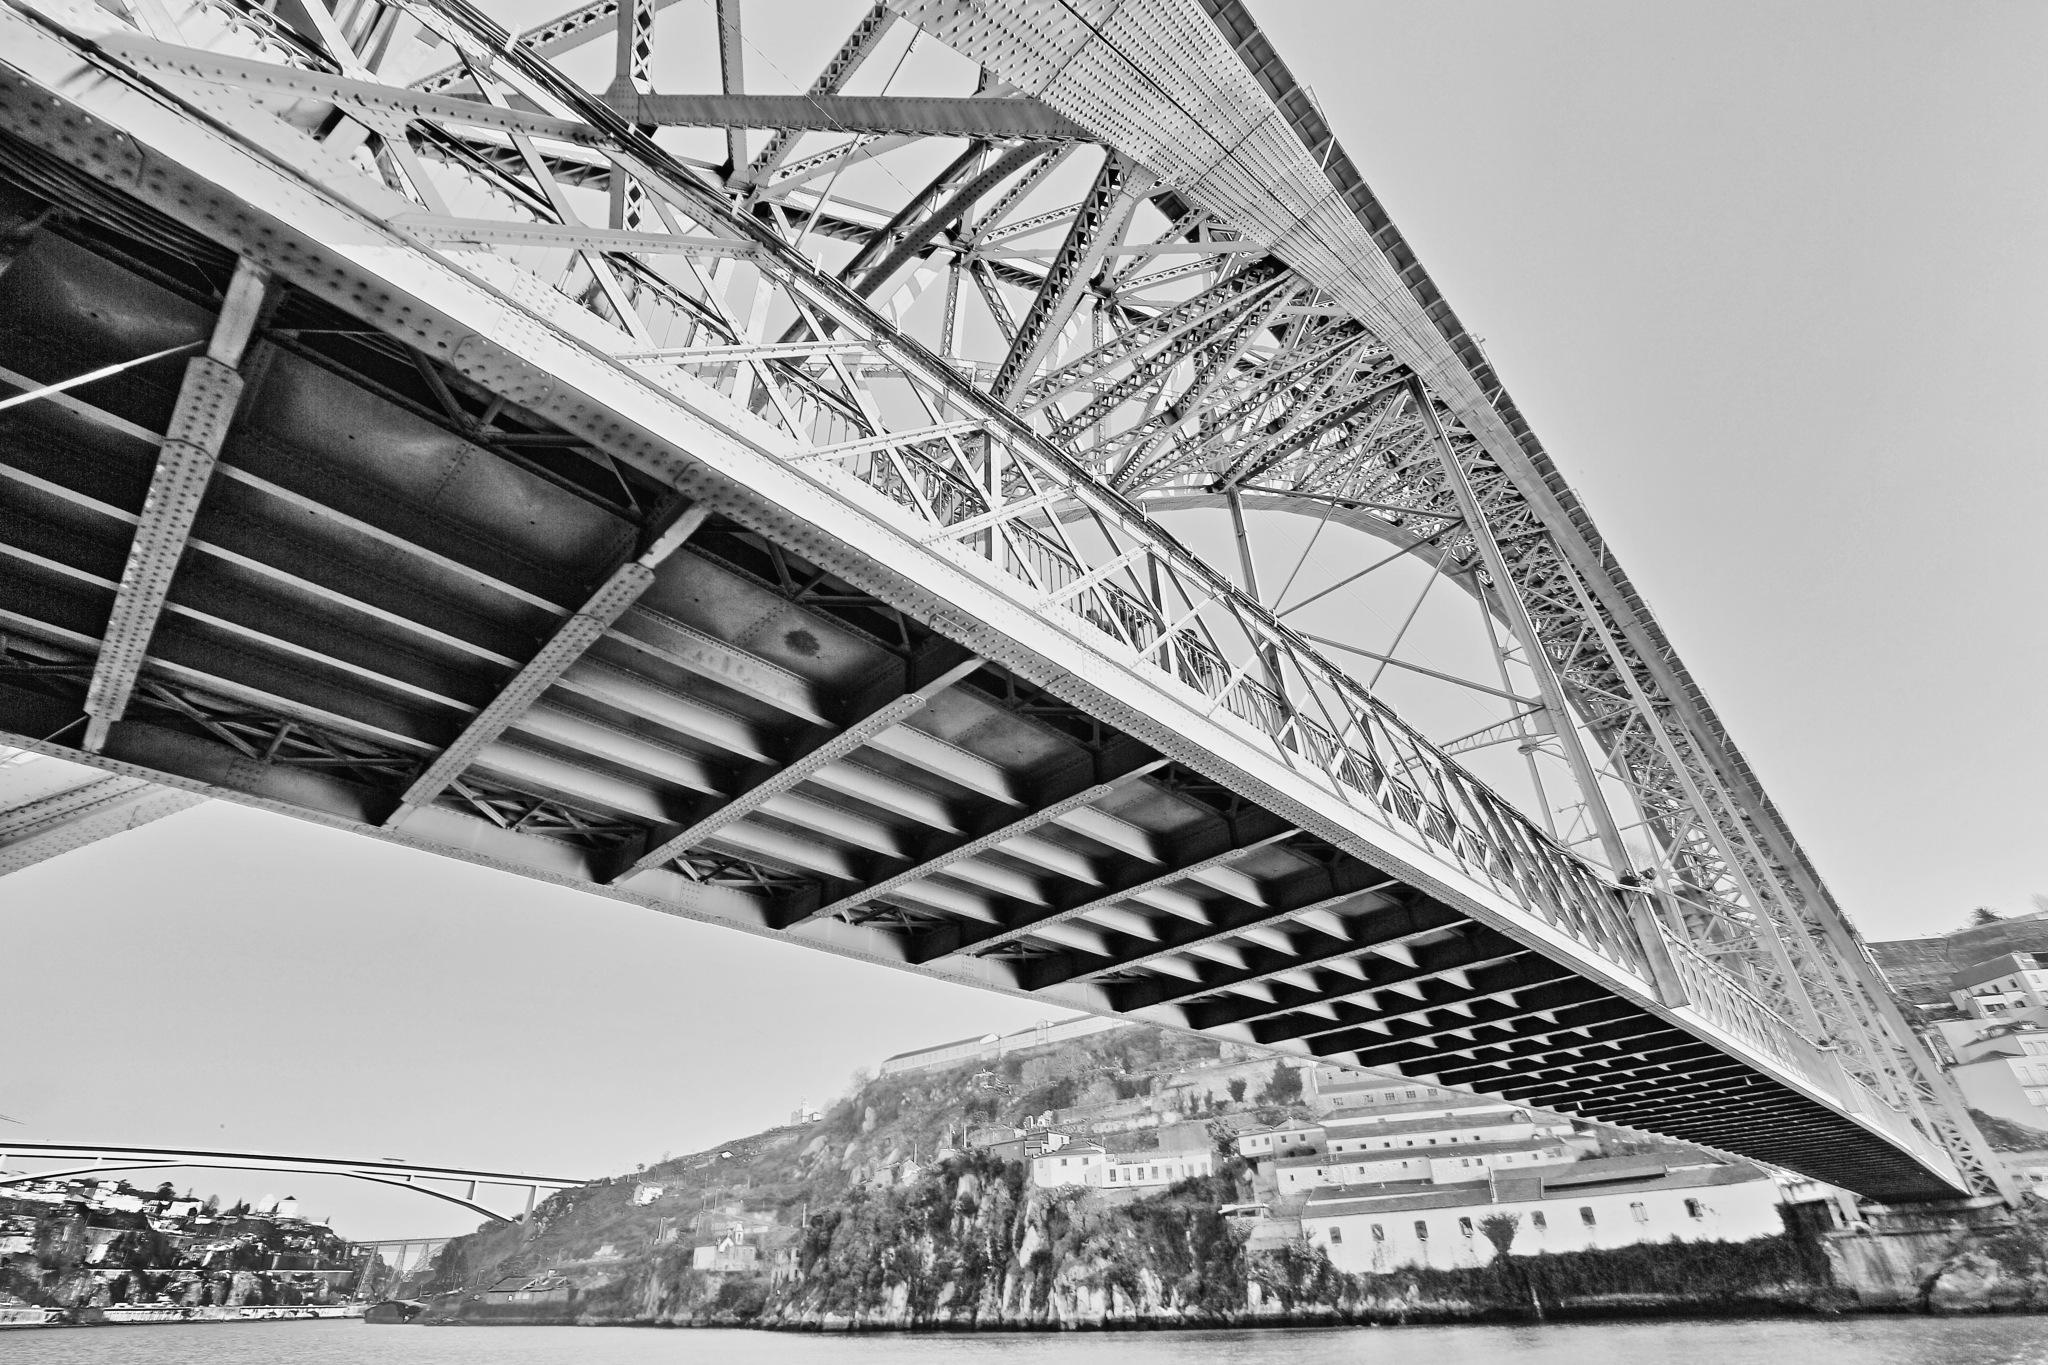 Dom Luís I Bridge in Porto by leecj0129